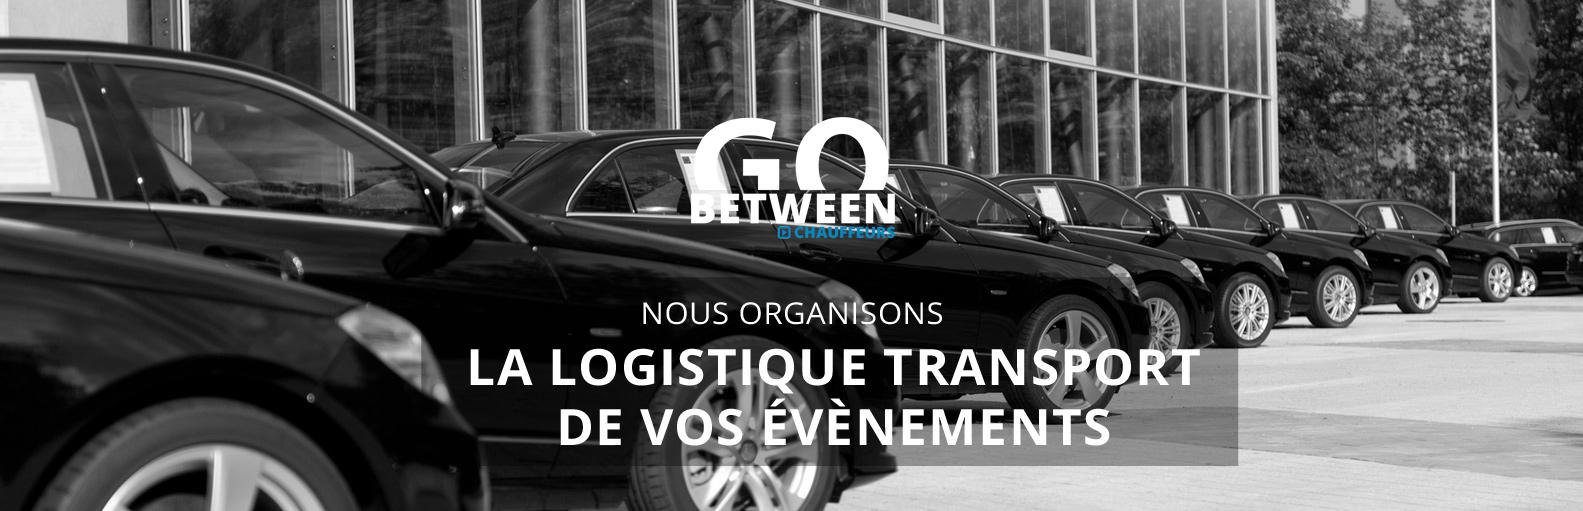 Flotte voitures parking voitures chauffeur privé VTC avec ou sans voiture